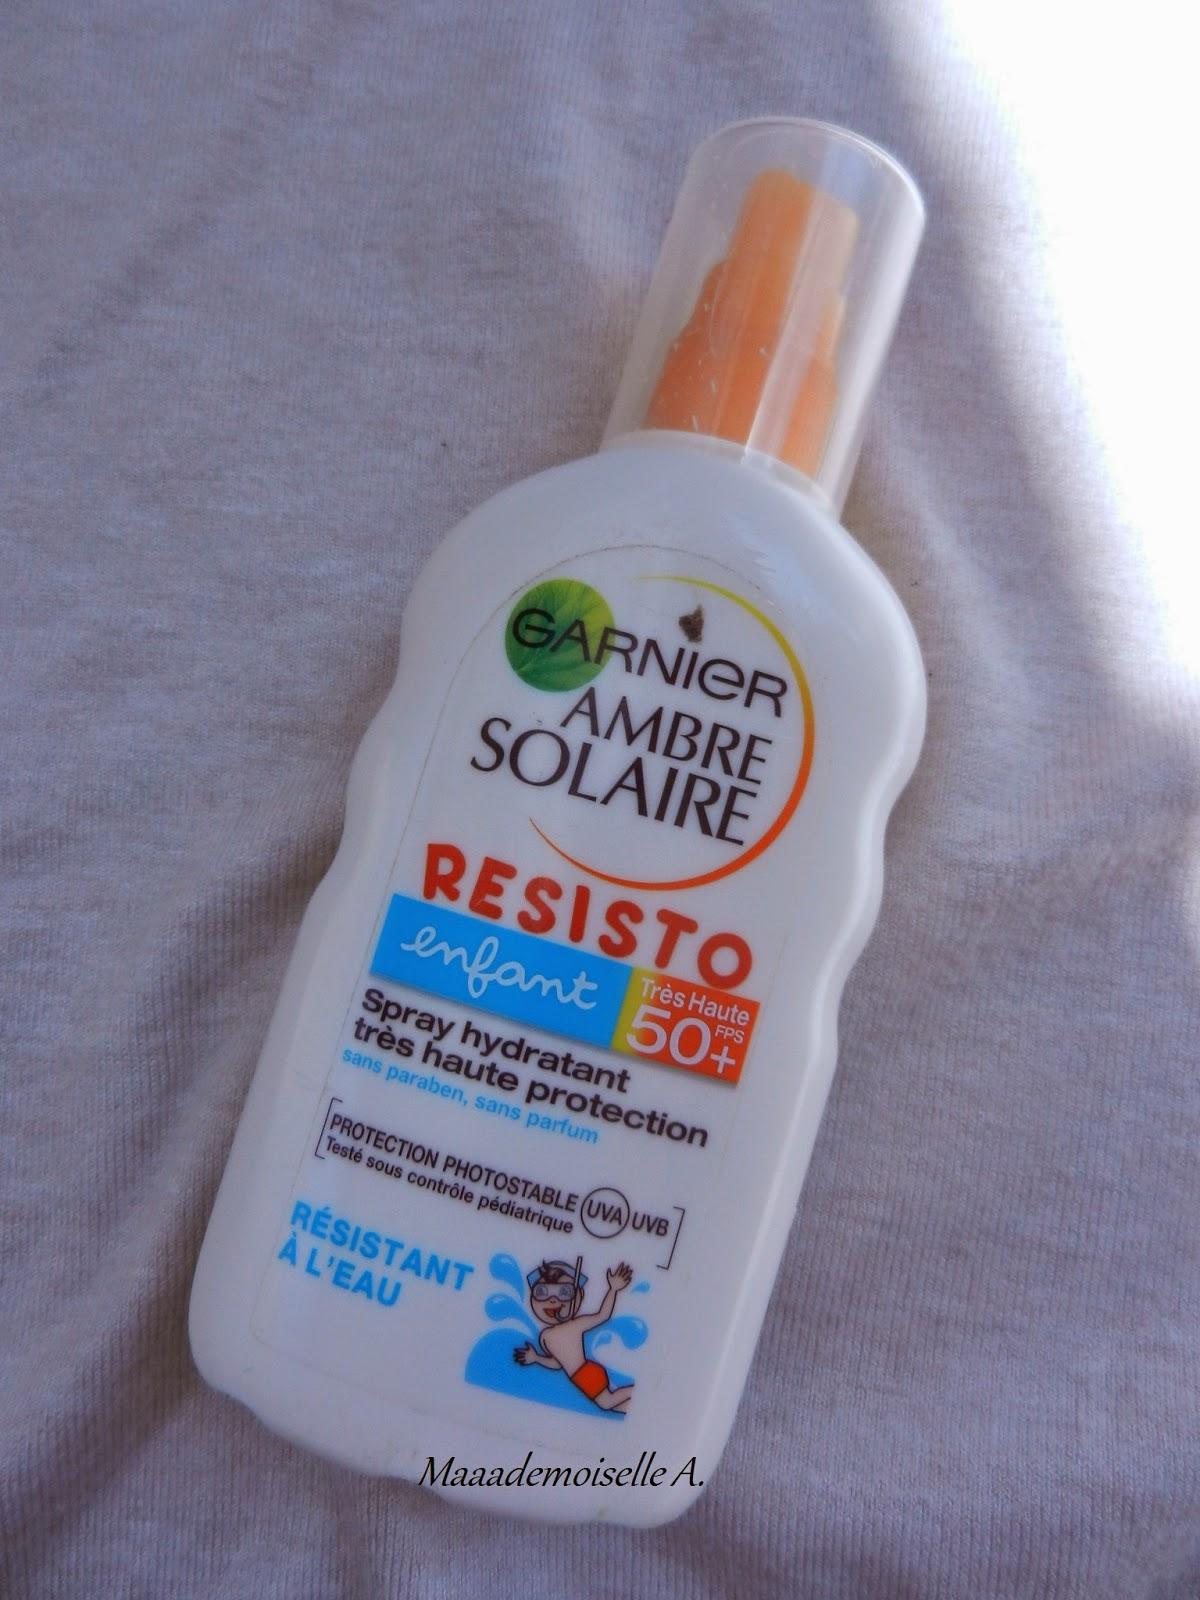 crème solaire garnier ambre solaire enfant resisto 50 +